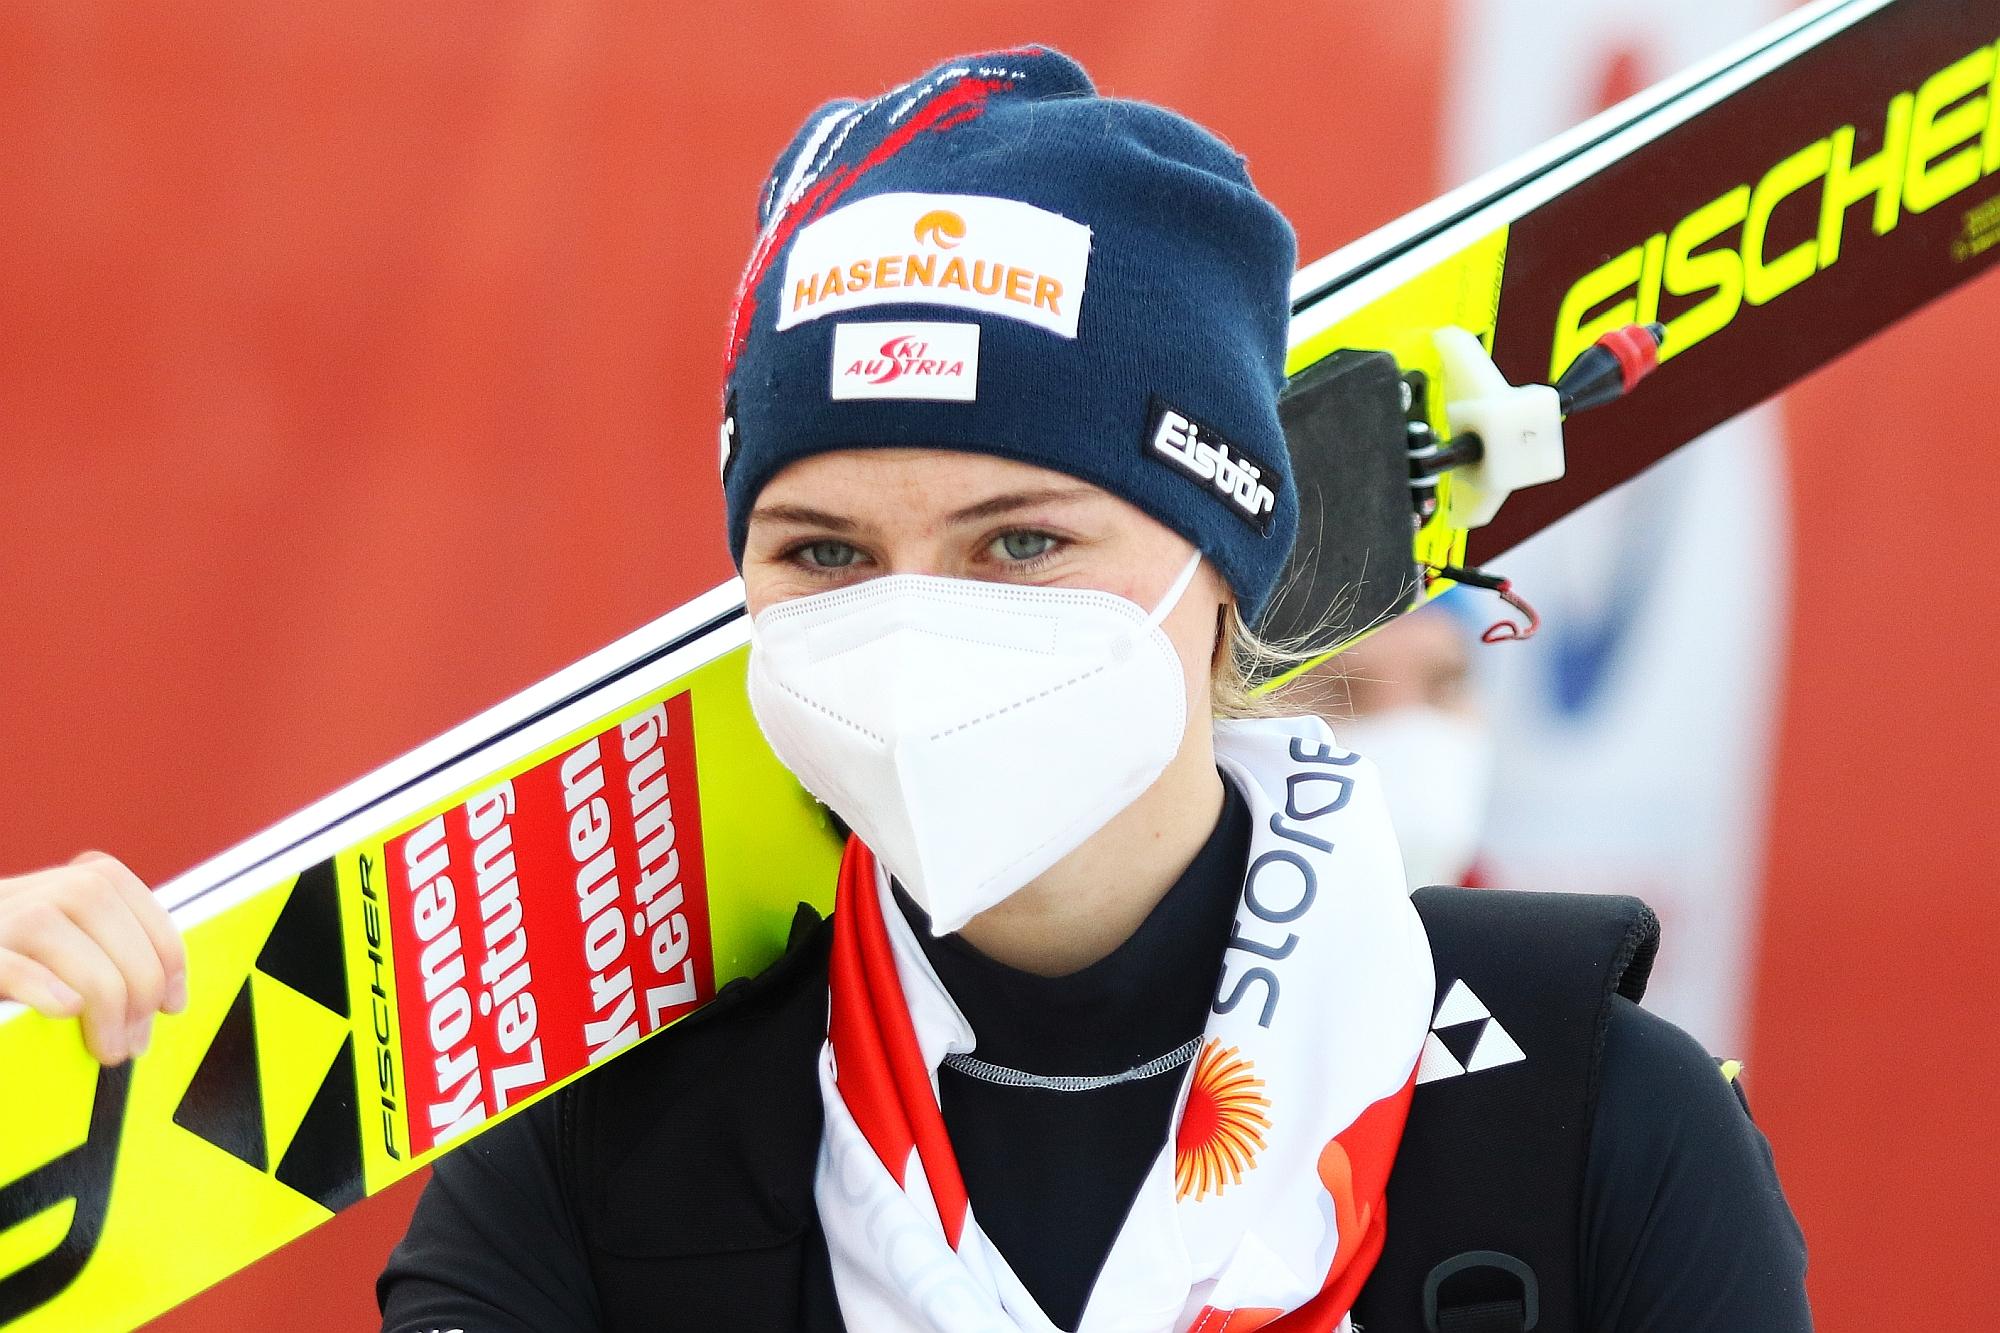 MŚ Oberstdorf: Kramer na czele serii próbnej, dobry skok Twardosz